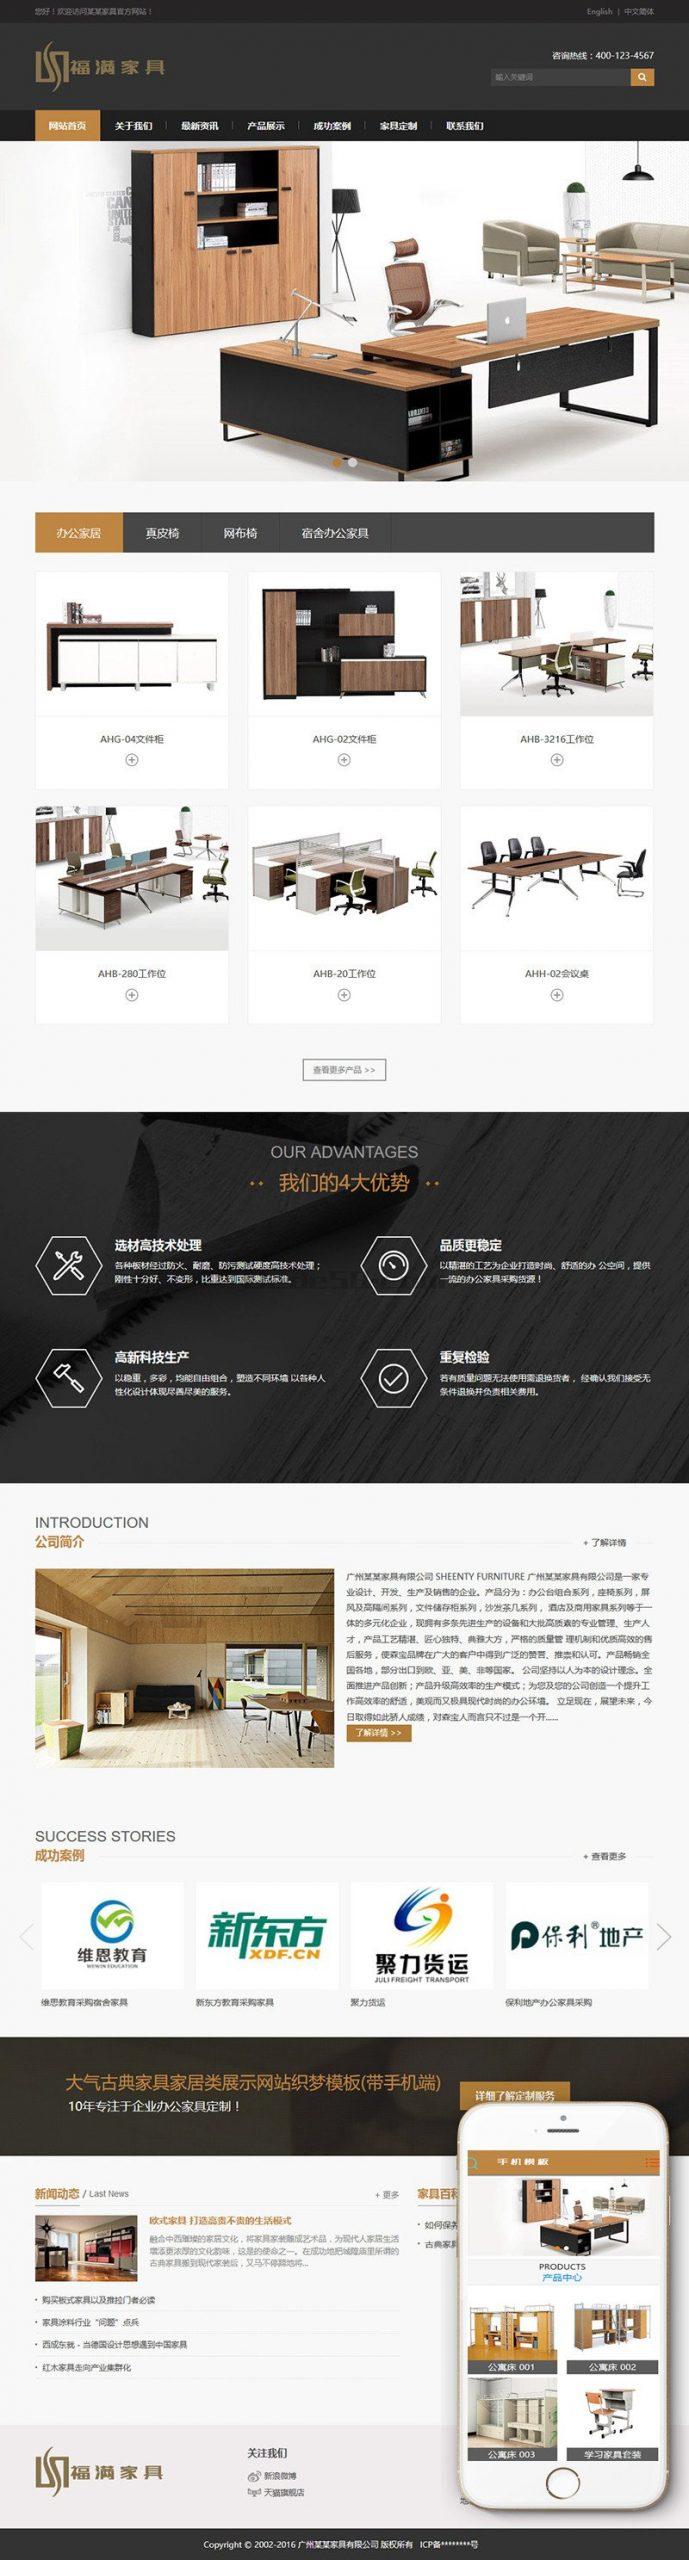 XL-005.大气古典家具家居类展示网站